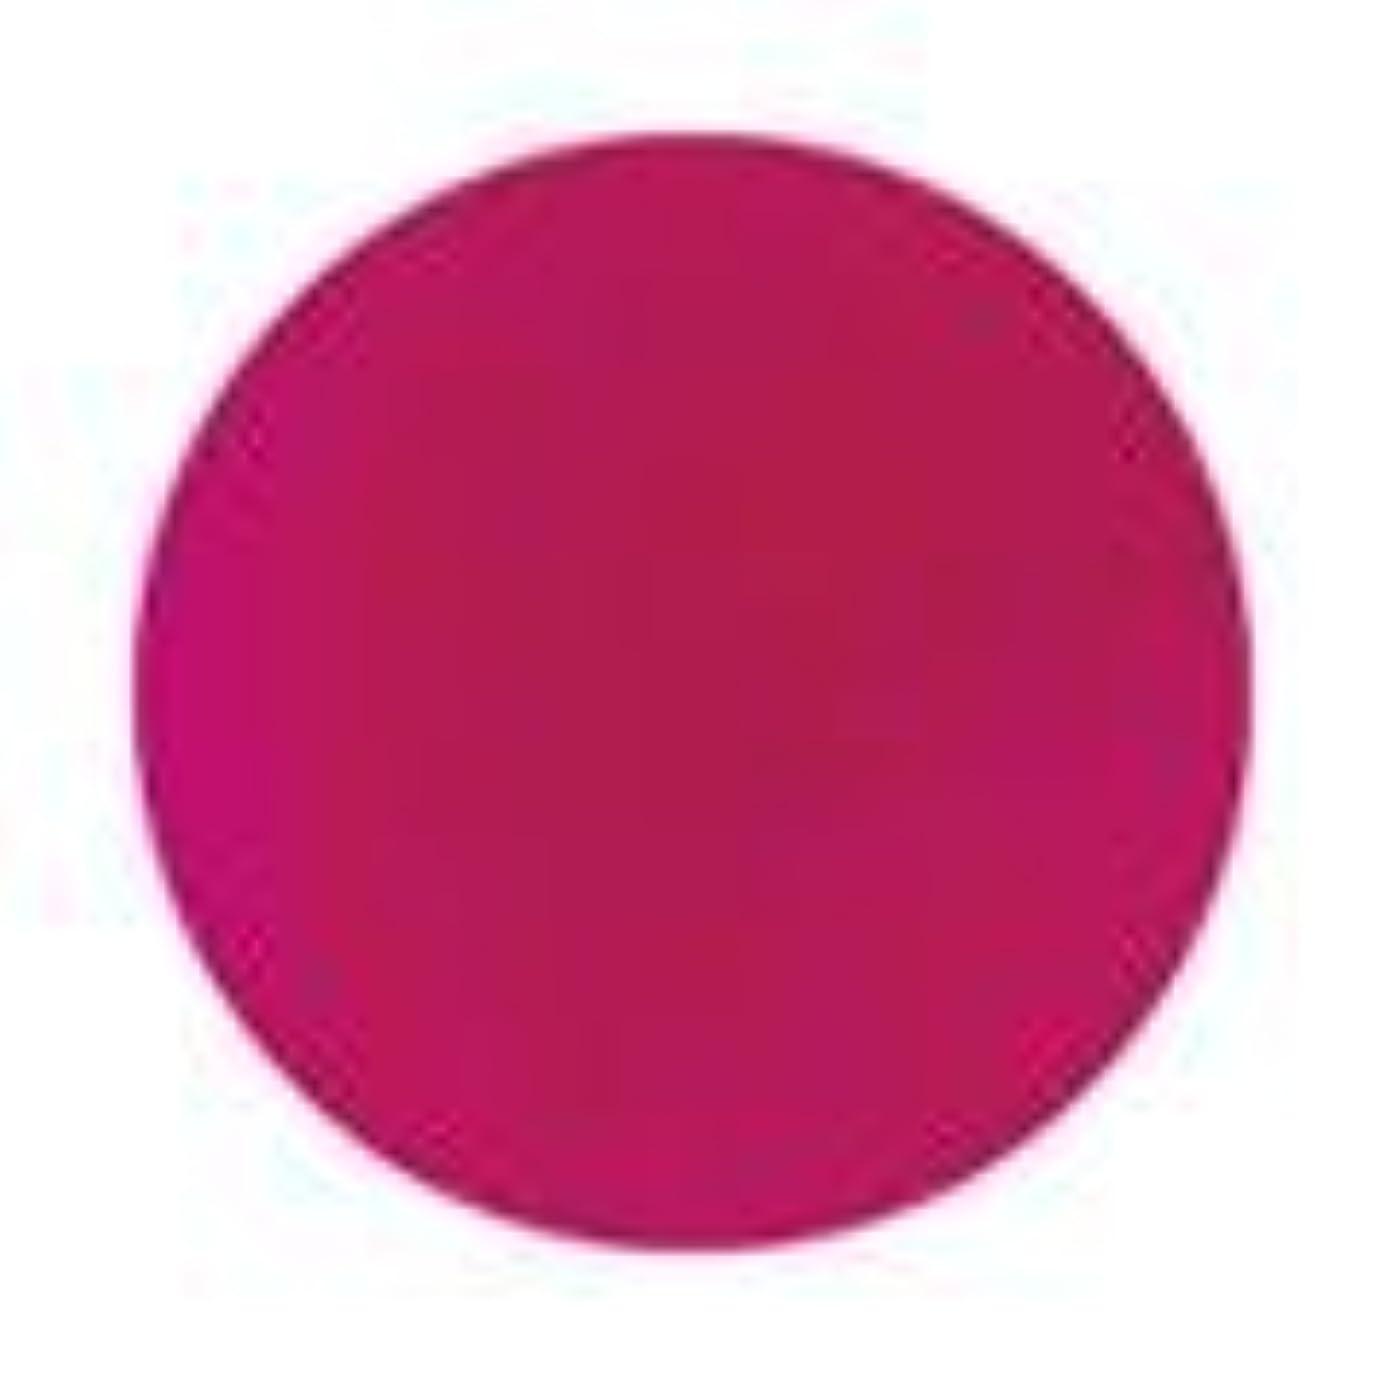 北東腹痛プーノJessica ジェレレーション カラー 15ml  463 パッションネイトキッシーズ